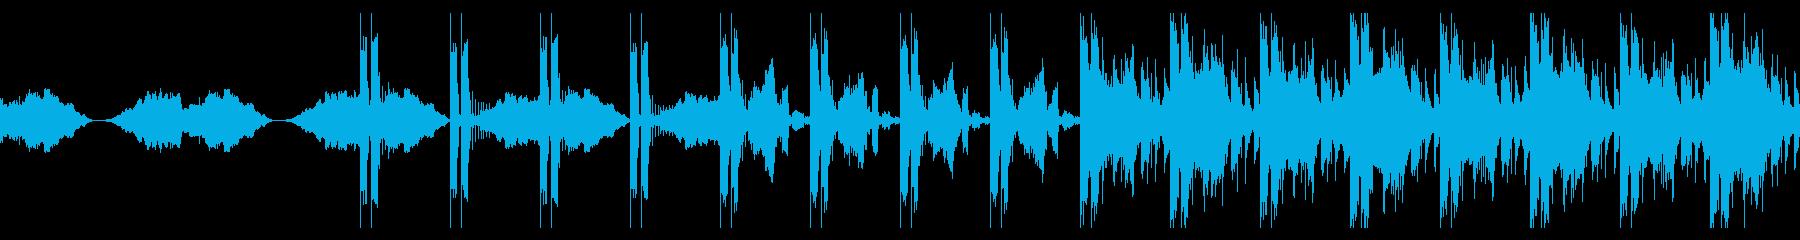 リズムメインのシネマティックエレクトロの再生済みの波形